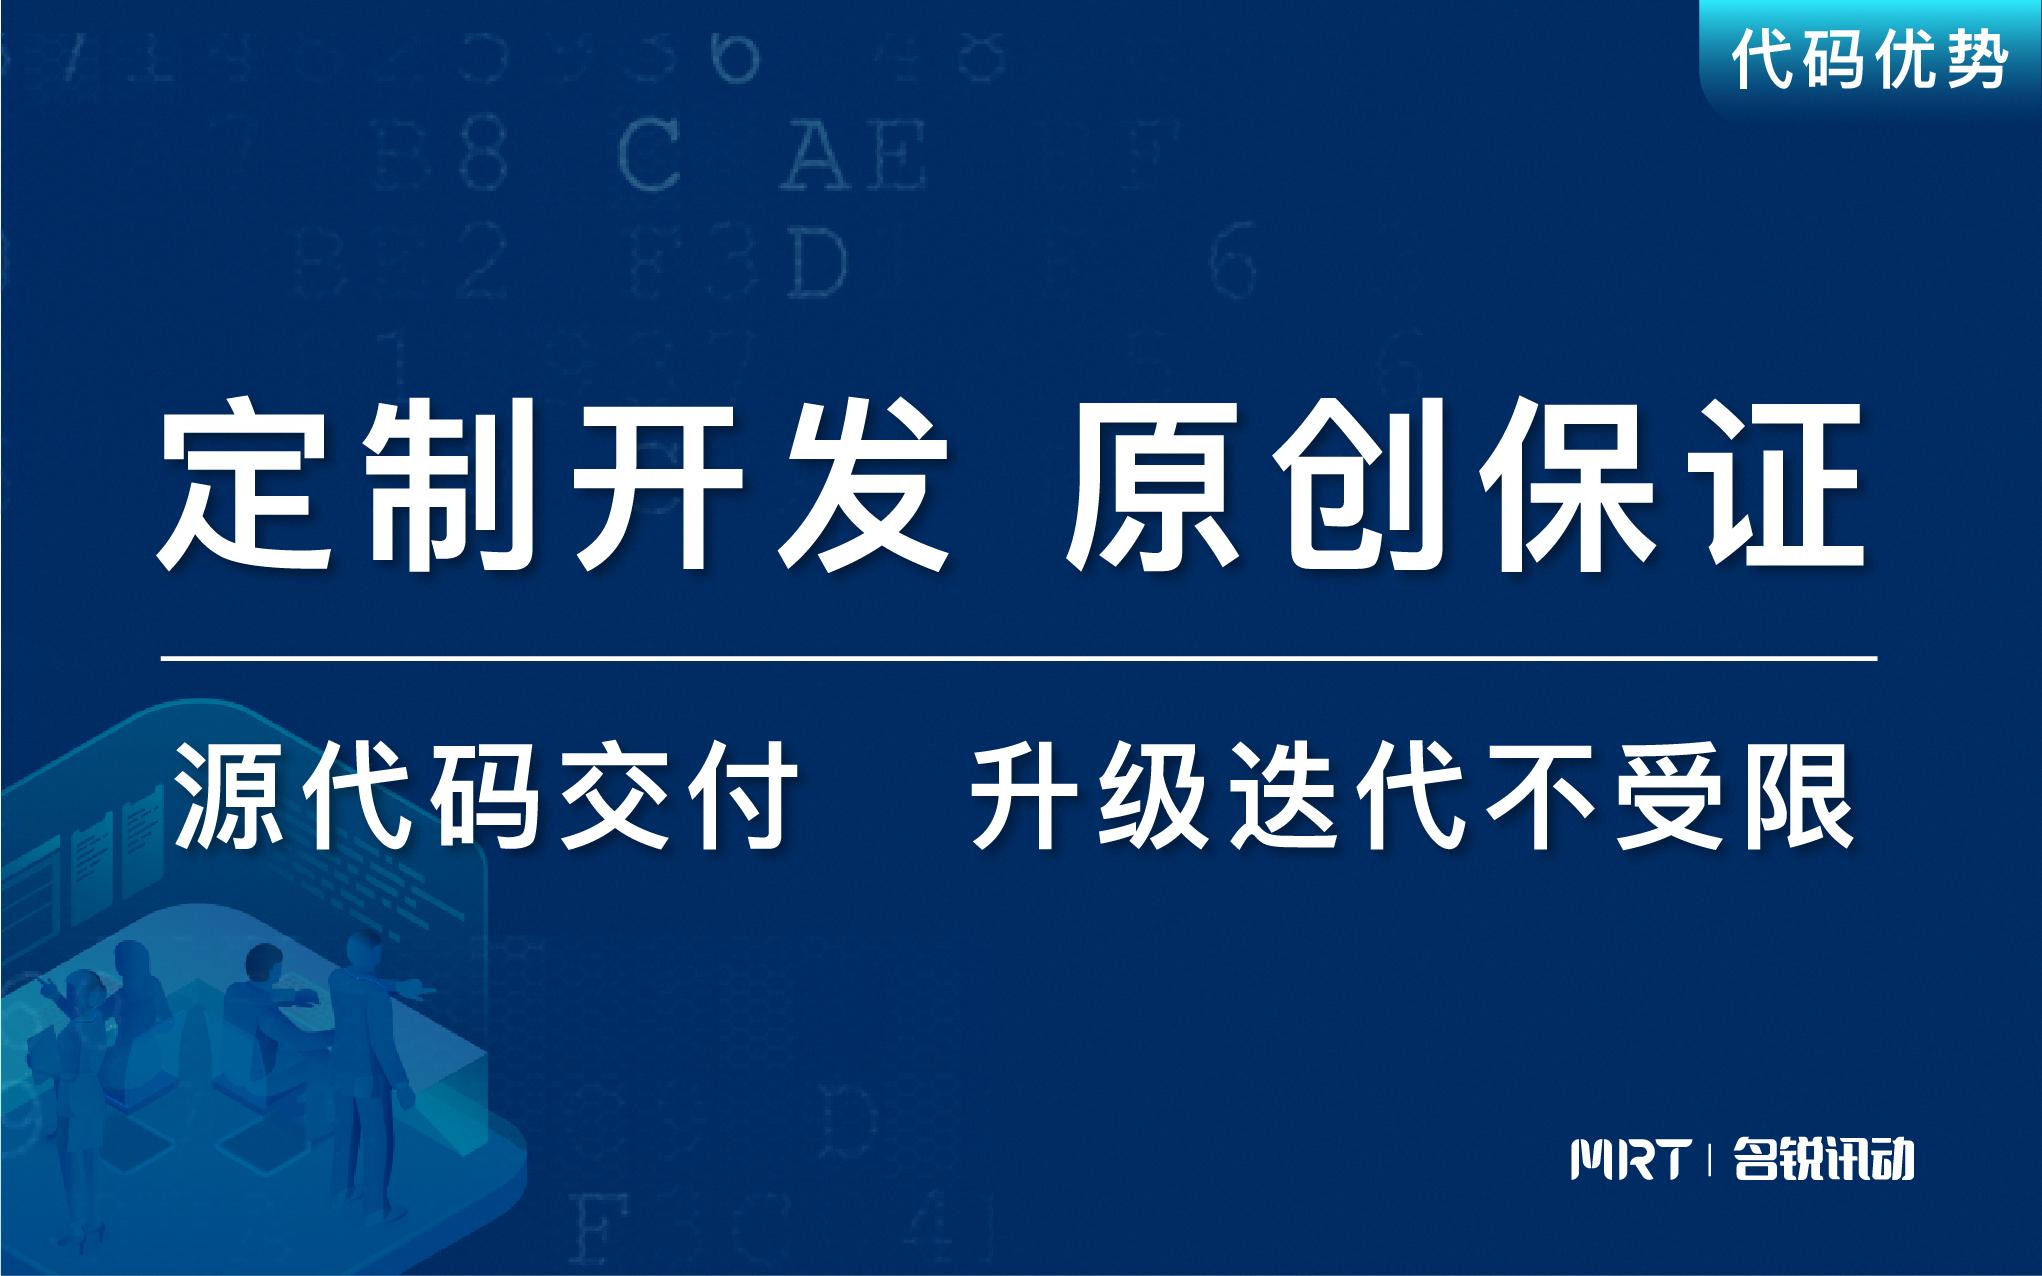 企业官网建设公司官网企业网站建设企业建站企业网页仿站